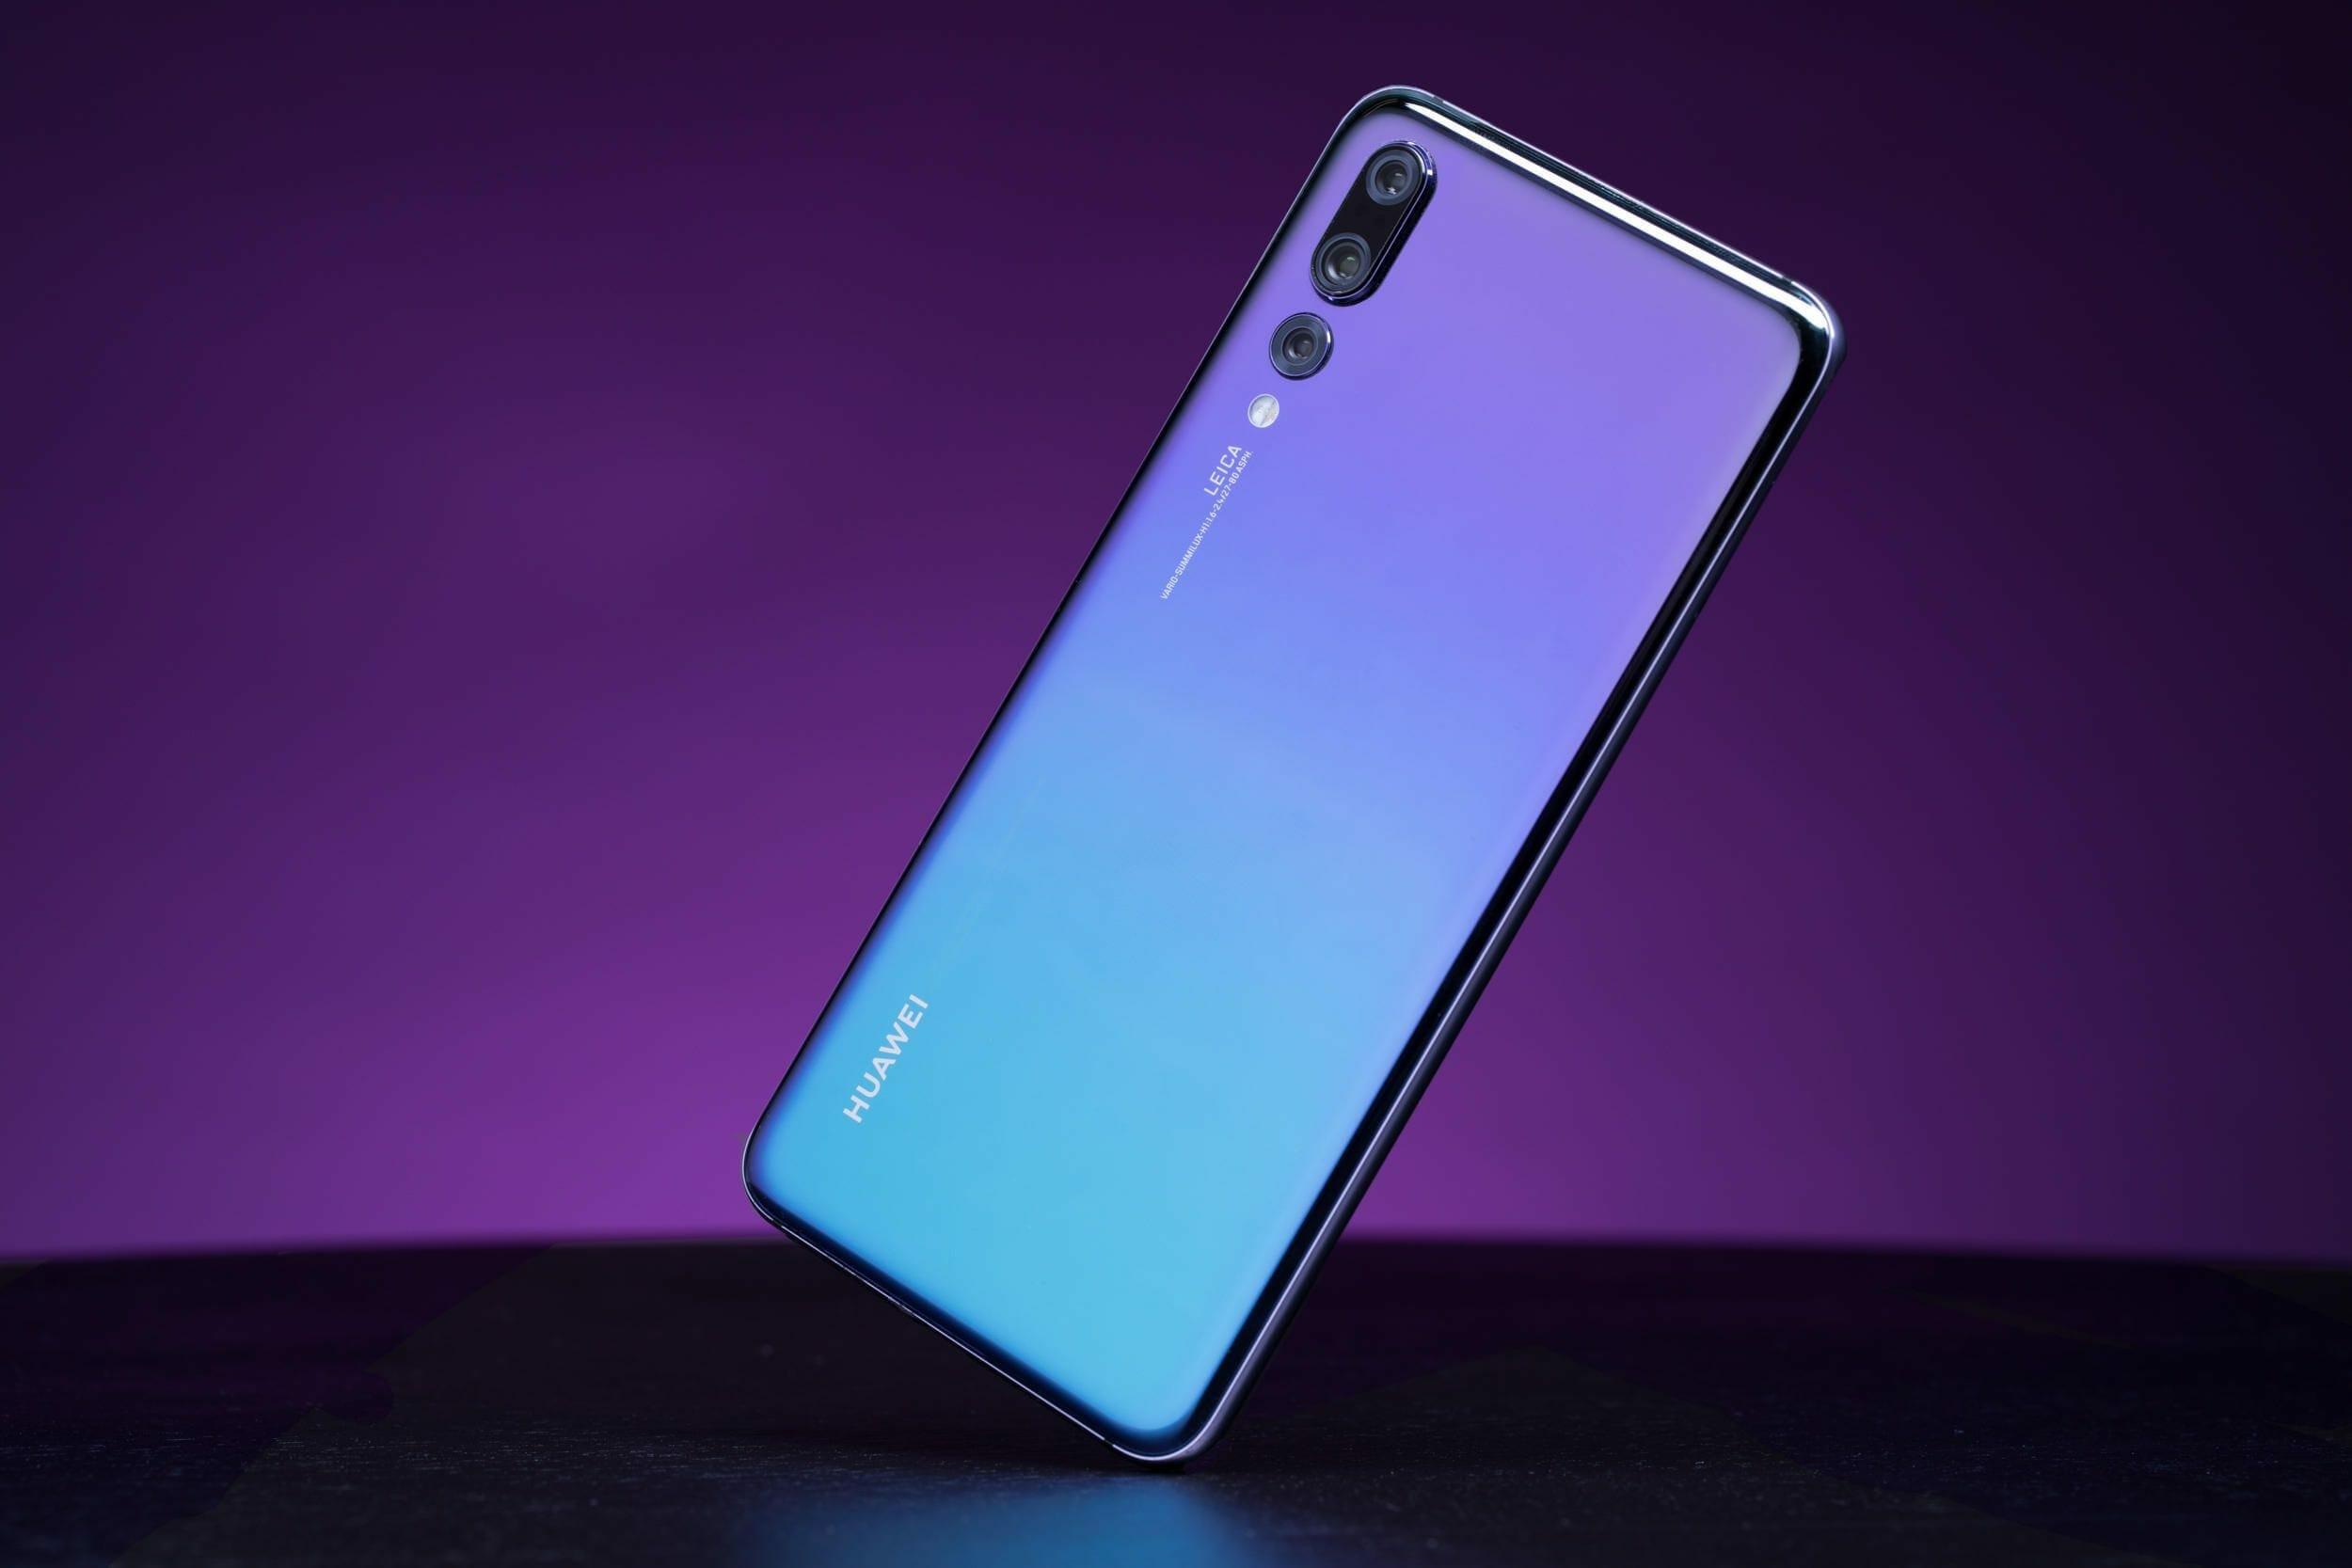 The Huawei P20 Pro